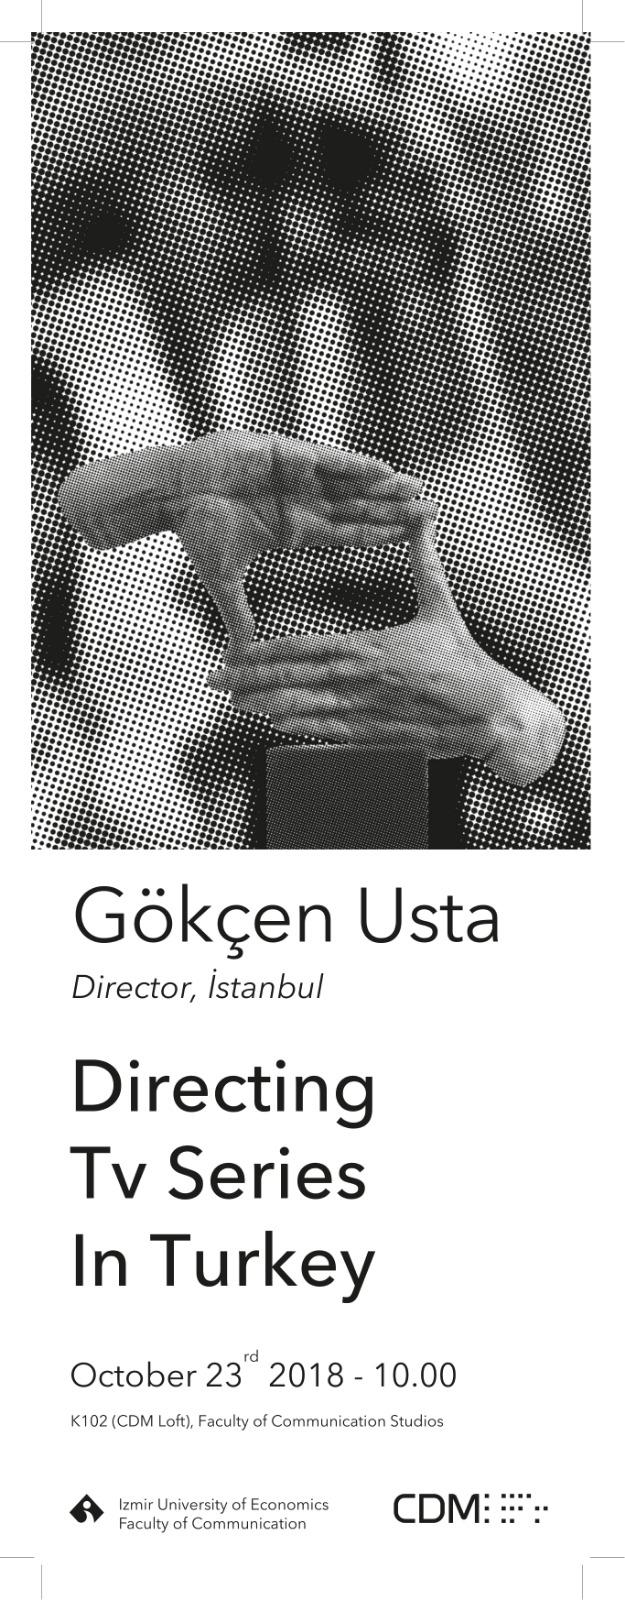 Gökçen Usta ile söyleşi: Türkiye'de televizyon dizisi yönetmek